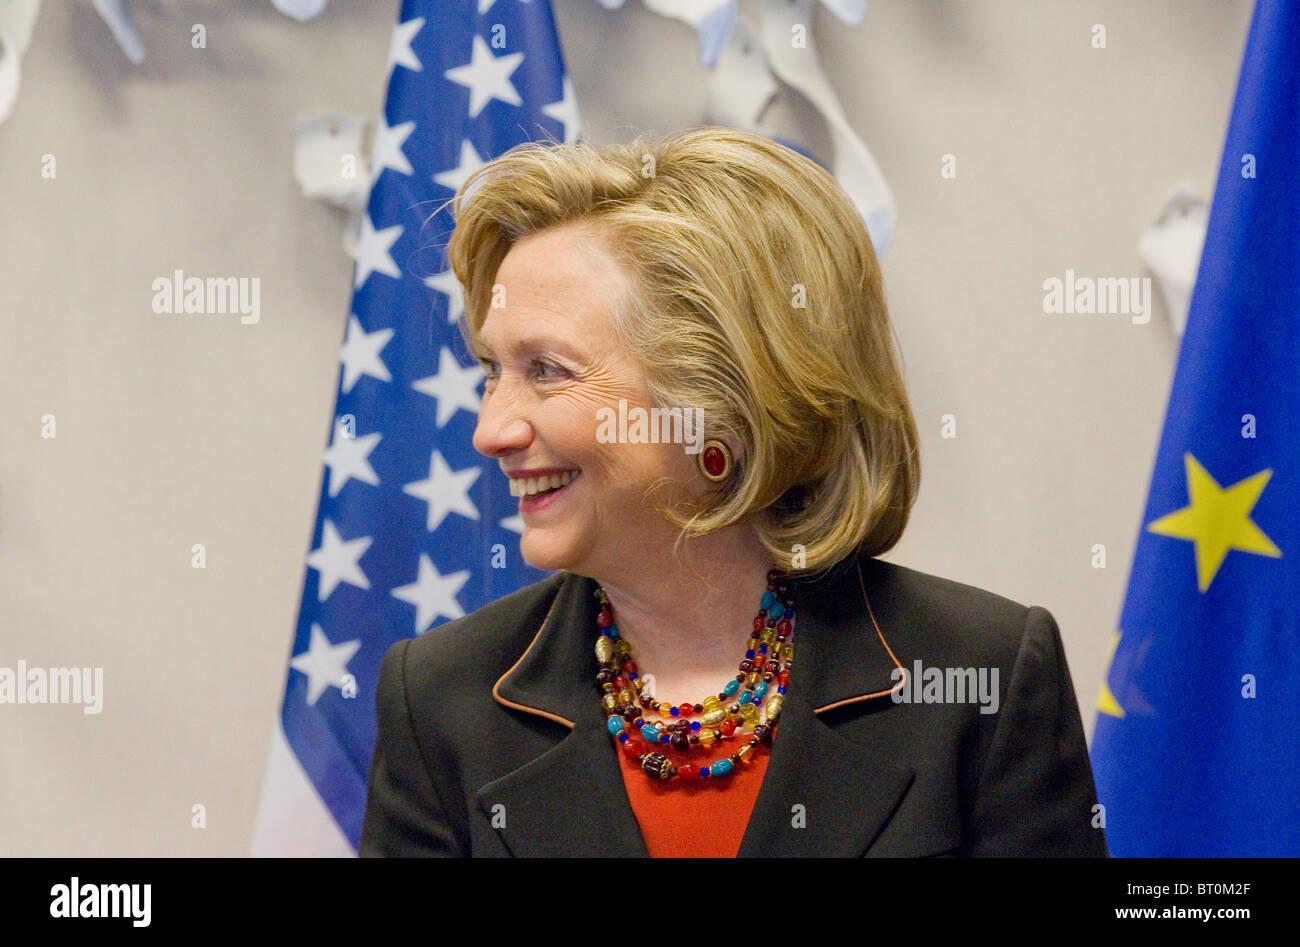 US-Außenministerin Hilary Clinton besuchen Europäischen Rat in Brüssel 14. Oktober 2010 Stockbild